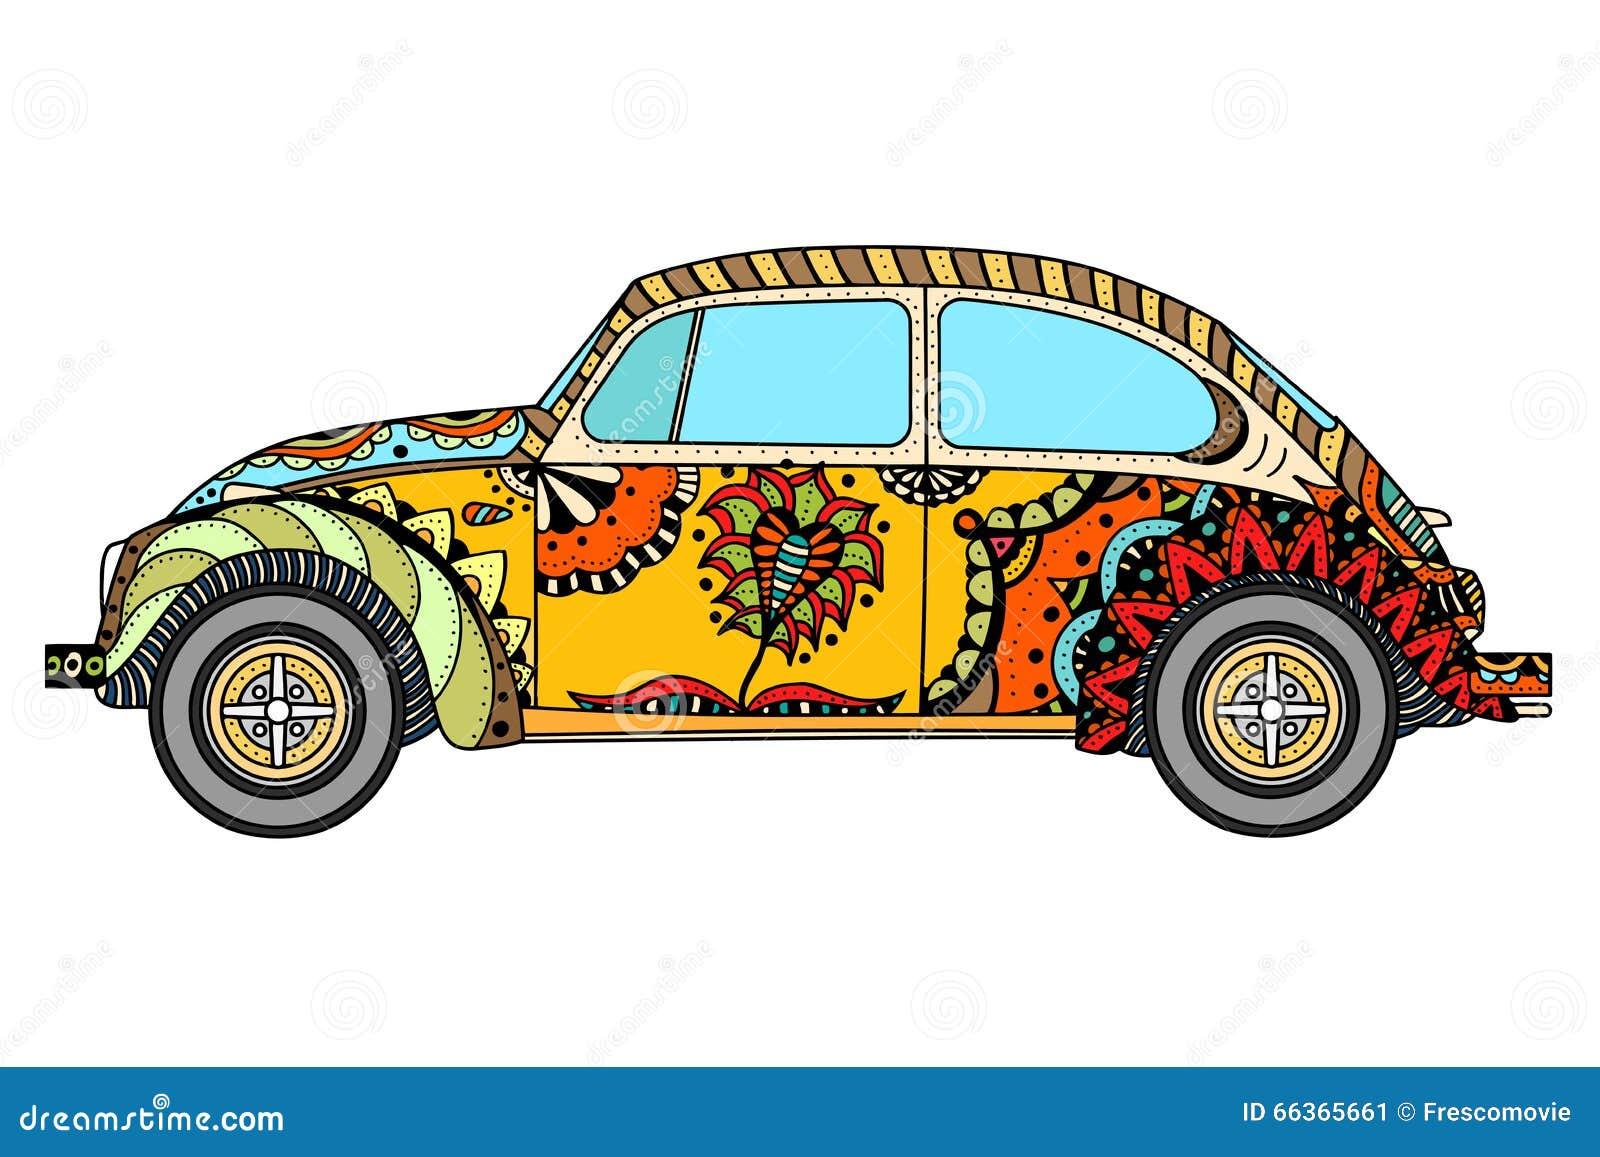 vintage car in zentangle stock vector illustration of power 66365661. Black Bedroom Furniture Sets. Home Design Ideas